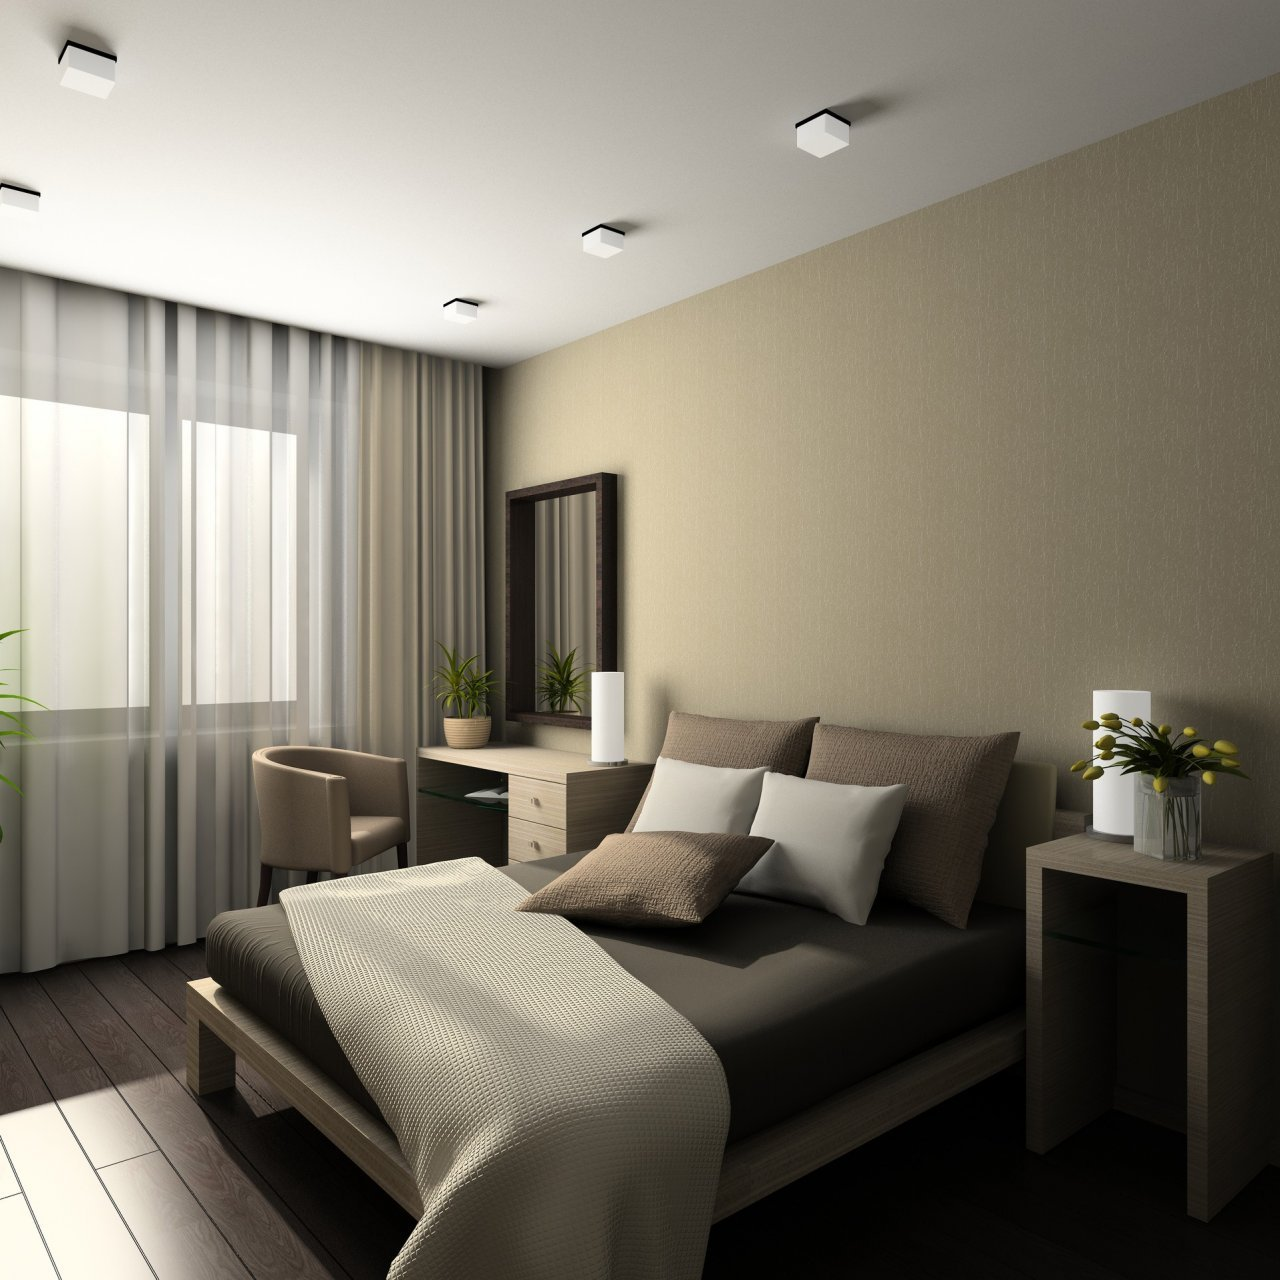 Aran acje sypialni modne wn trza - Decoracion de interiores habitaciones ...